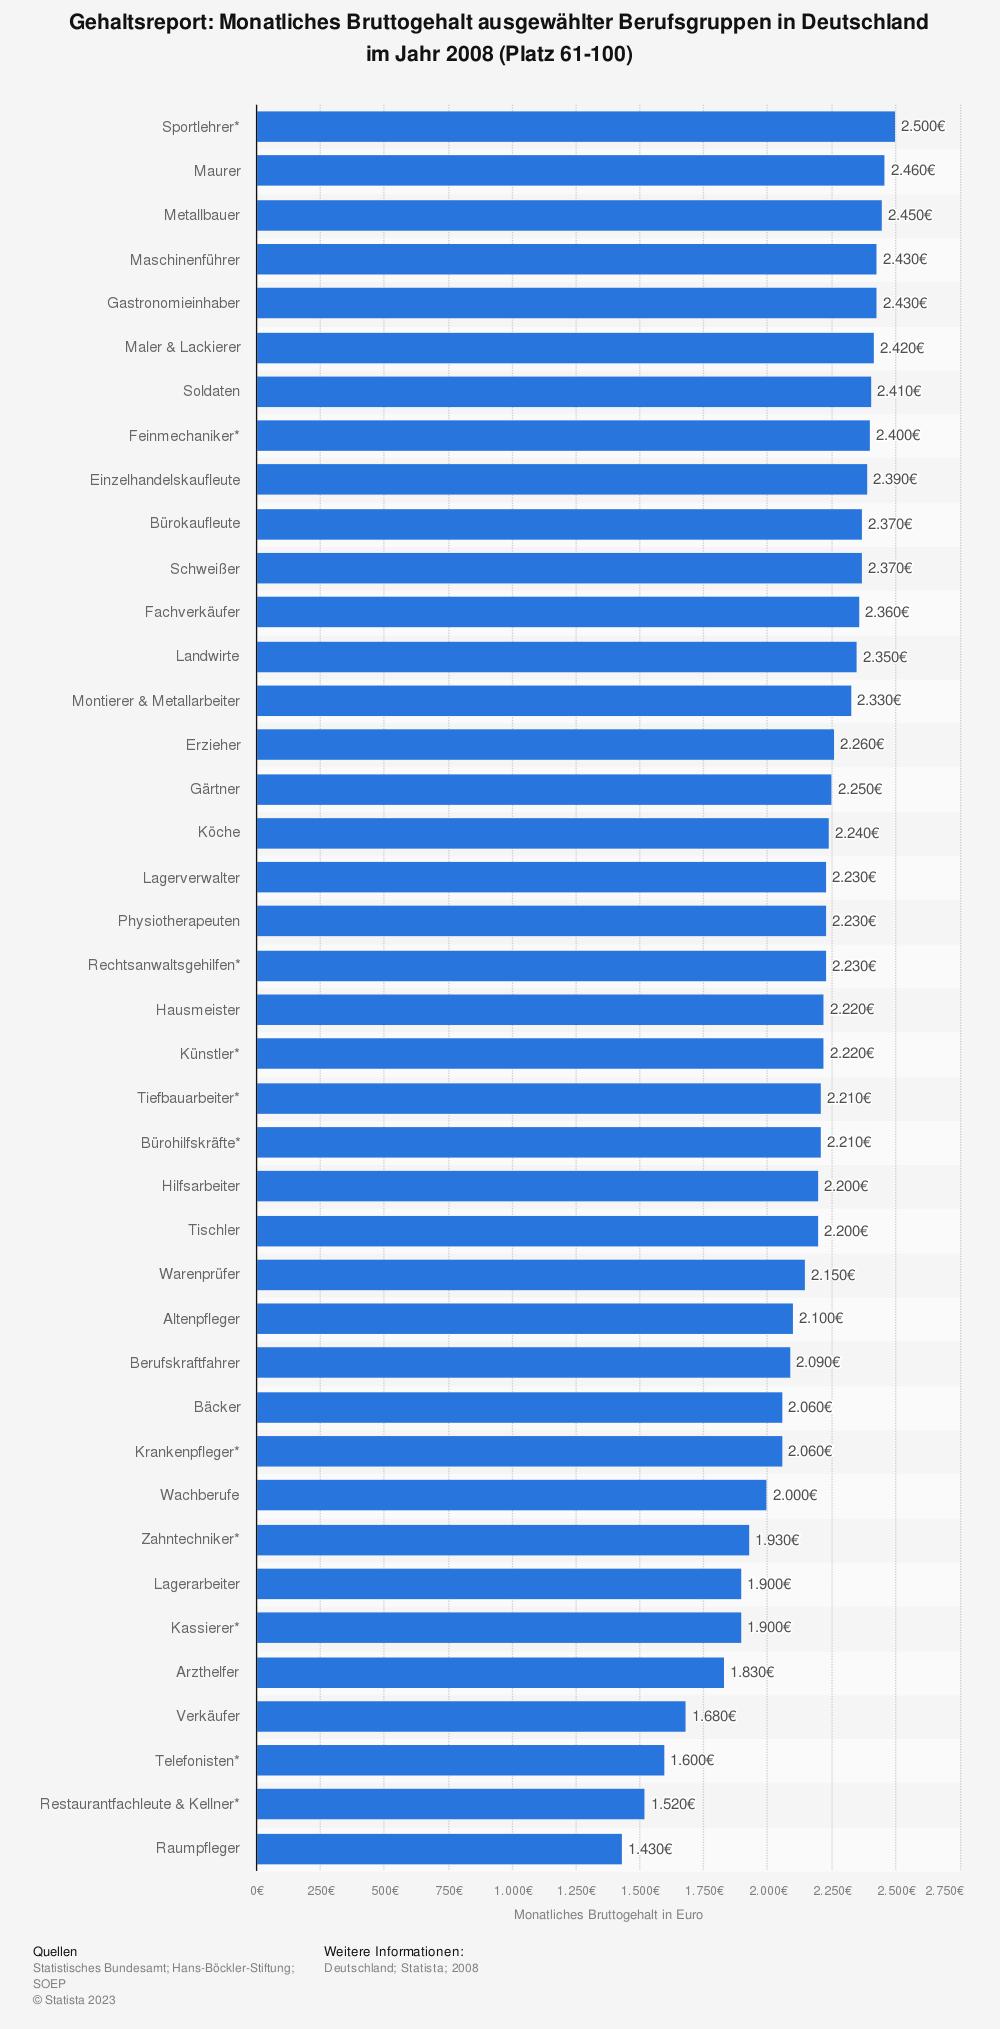 Statistik: Gehaltsreport: Monatliches Bruttogehalt ausgewählter Berufsgruppen in Deutschland im Jahr 2008 (Platz 61-100)   Statista